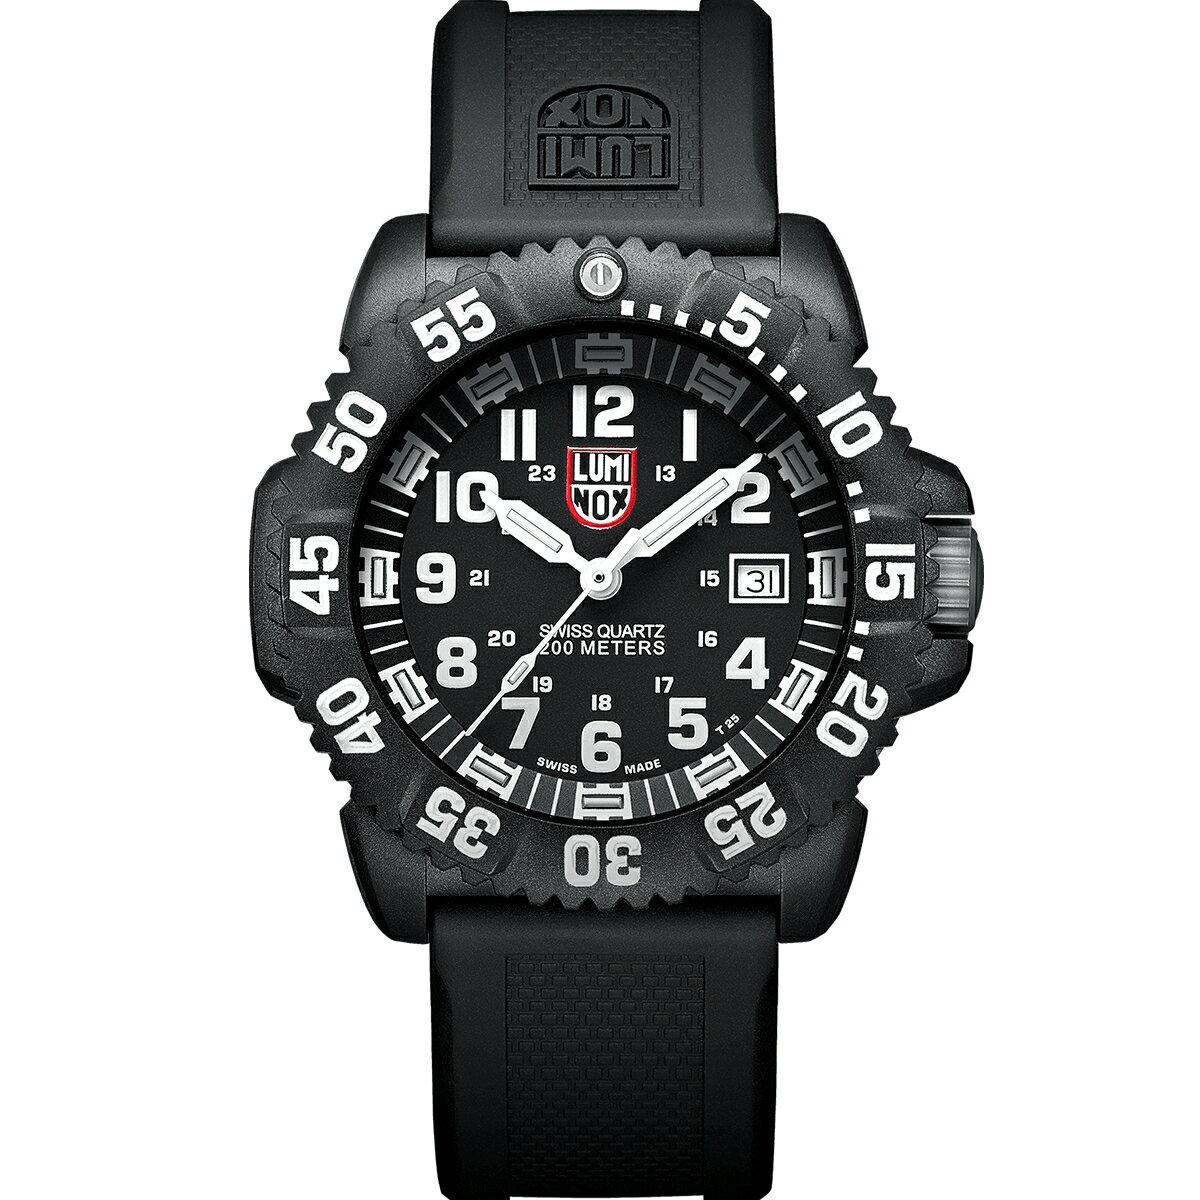 LUMINOX ルミノックス XS.3051 NAVY SEALs ネイビーシールズ DIVE WATCH ダイブウォッチ COLORMARK カラーマークシリーズ XS3051 メンズ 時計 腕時計 プレゼント 贈り物 ギフト 彼氏 ミリタリー[あす楽]